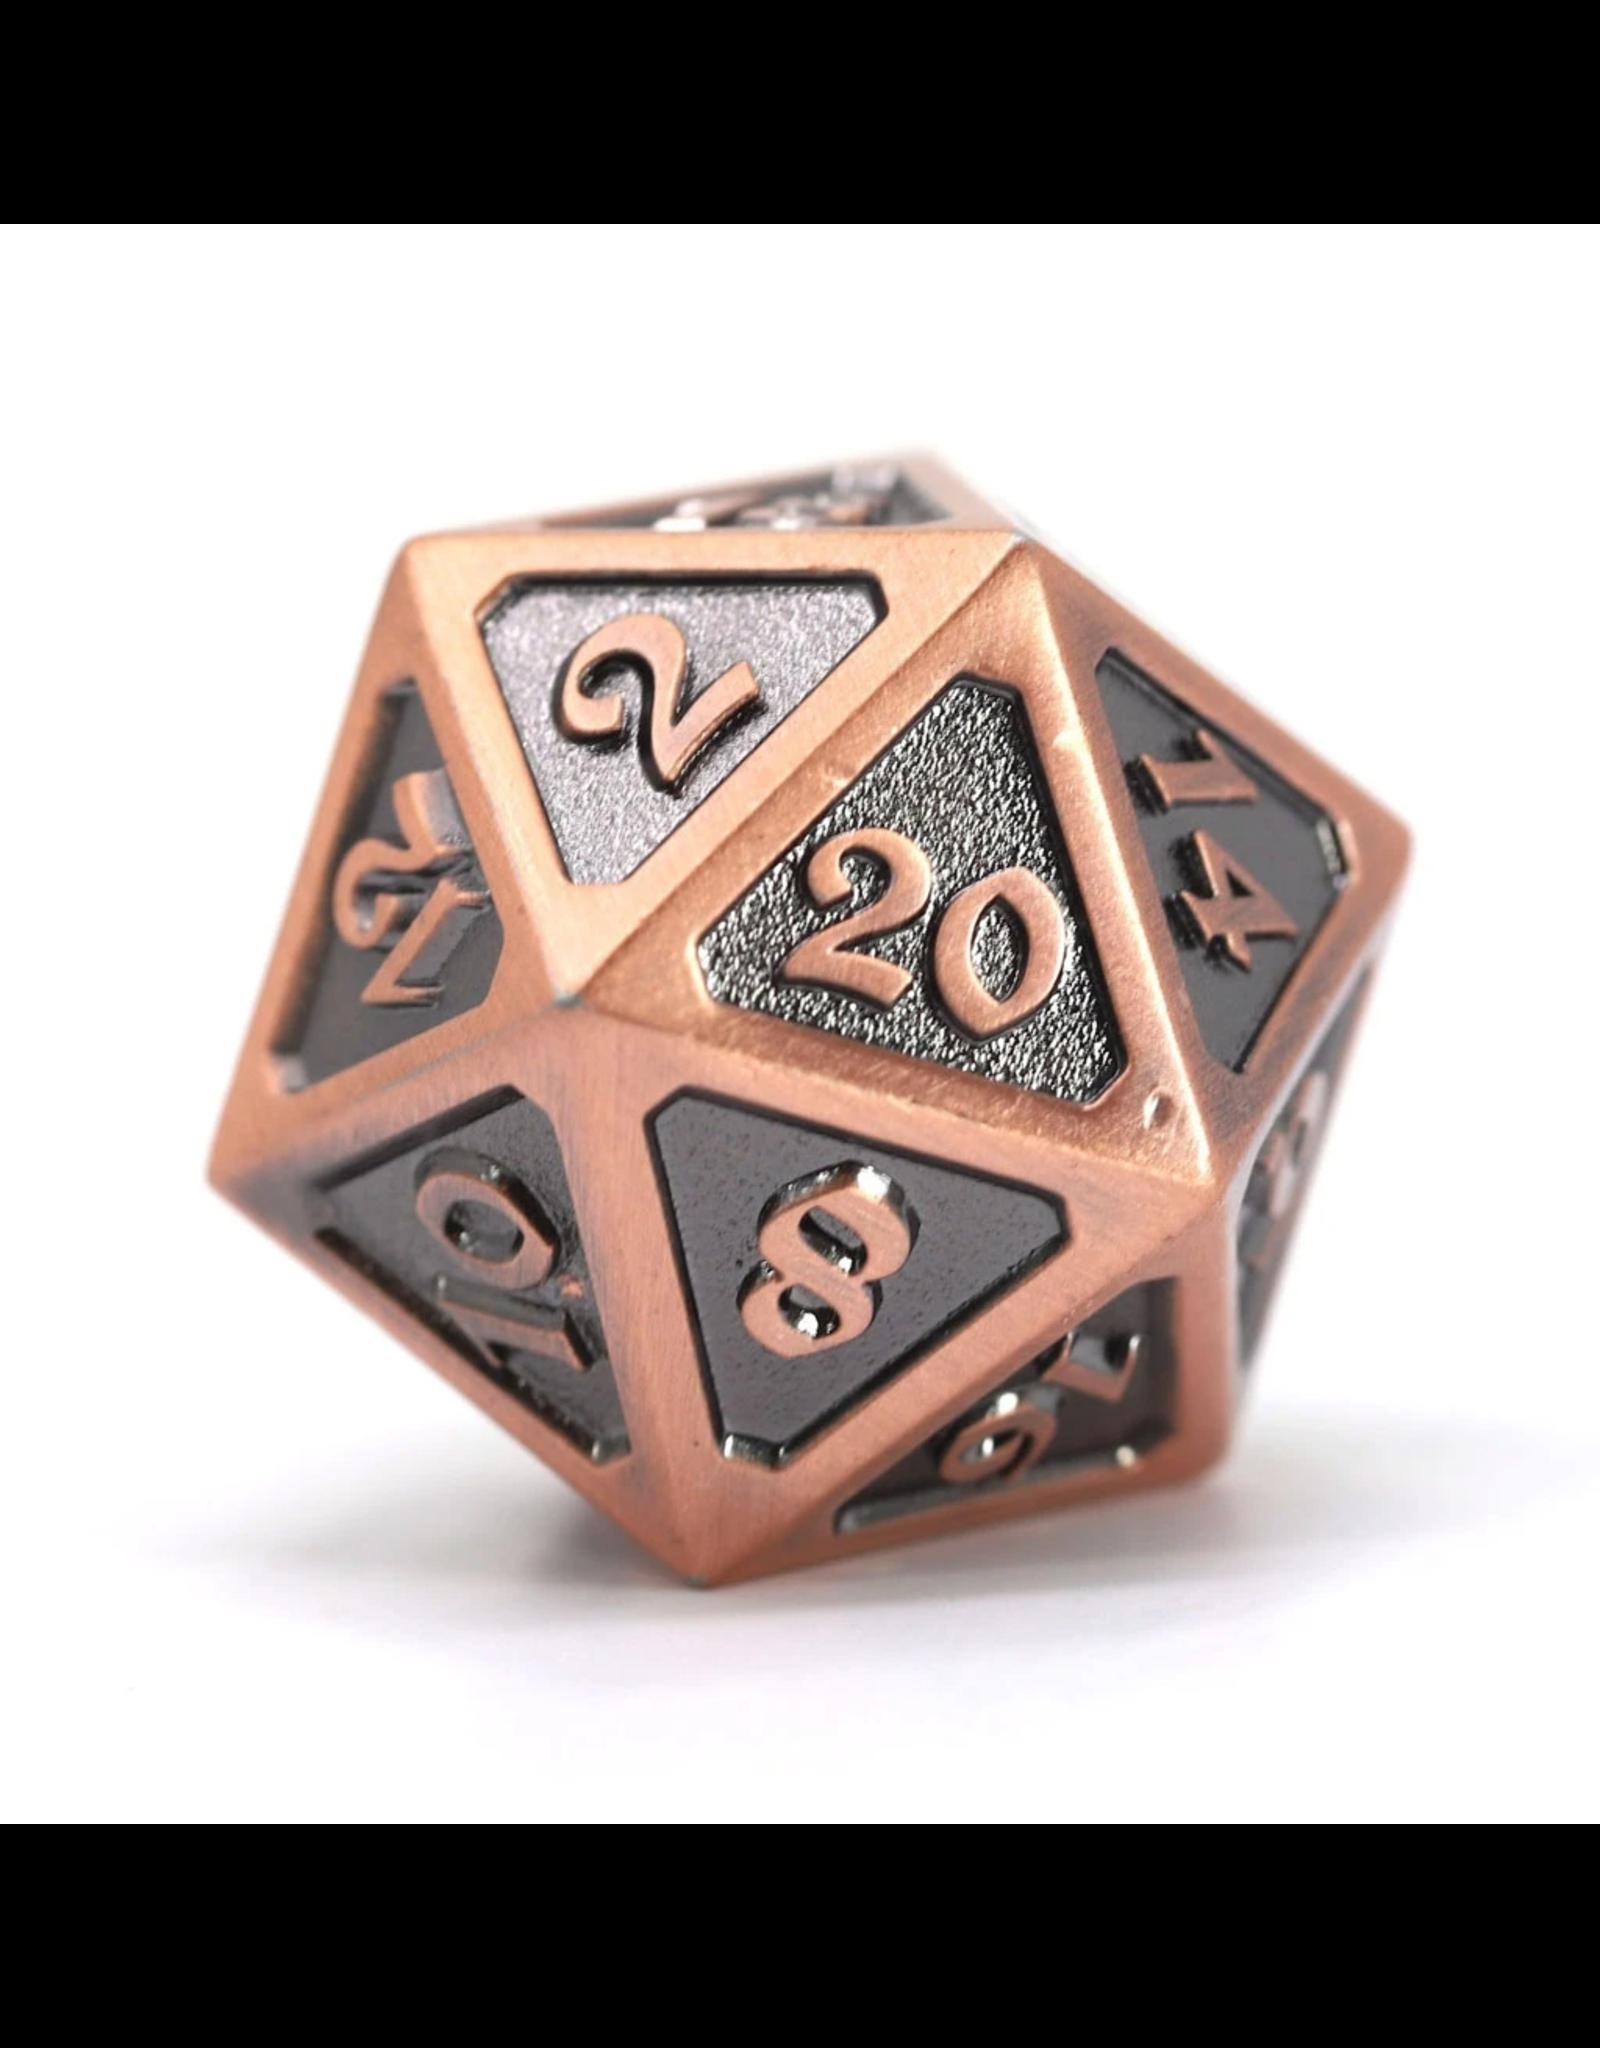 Die Hard Dice Die Hard Dice: Dire d20 Mythica Battleworn Copper